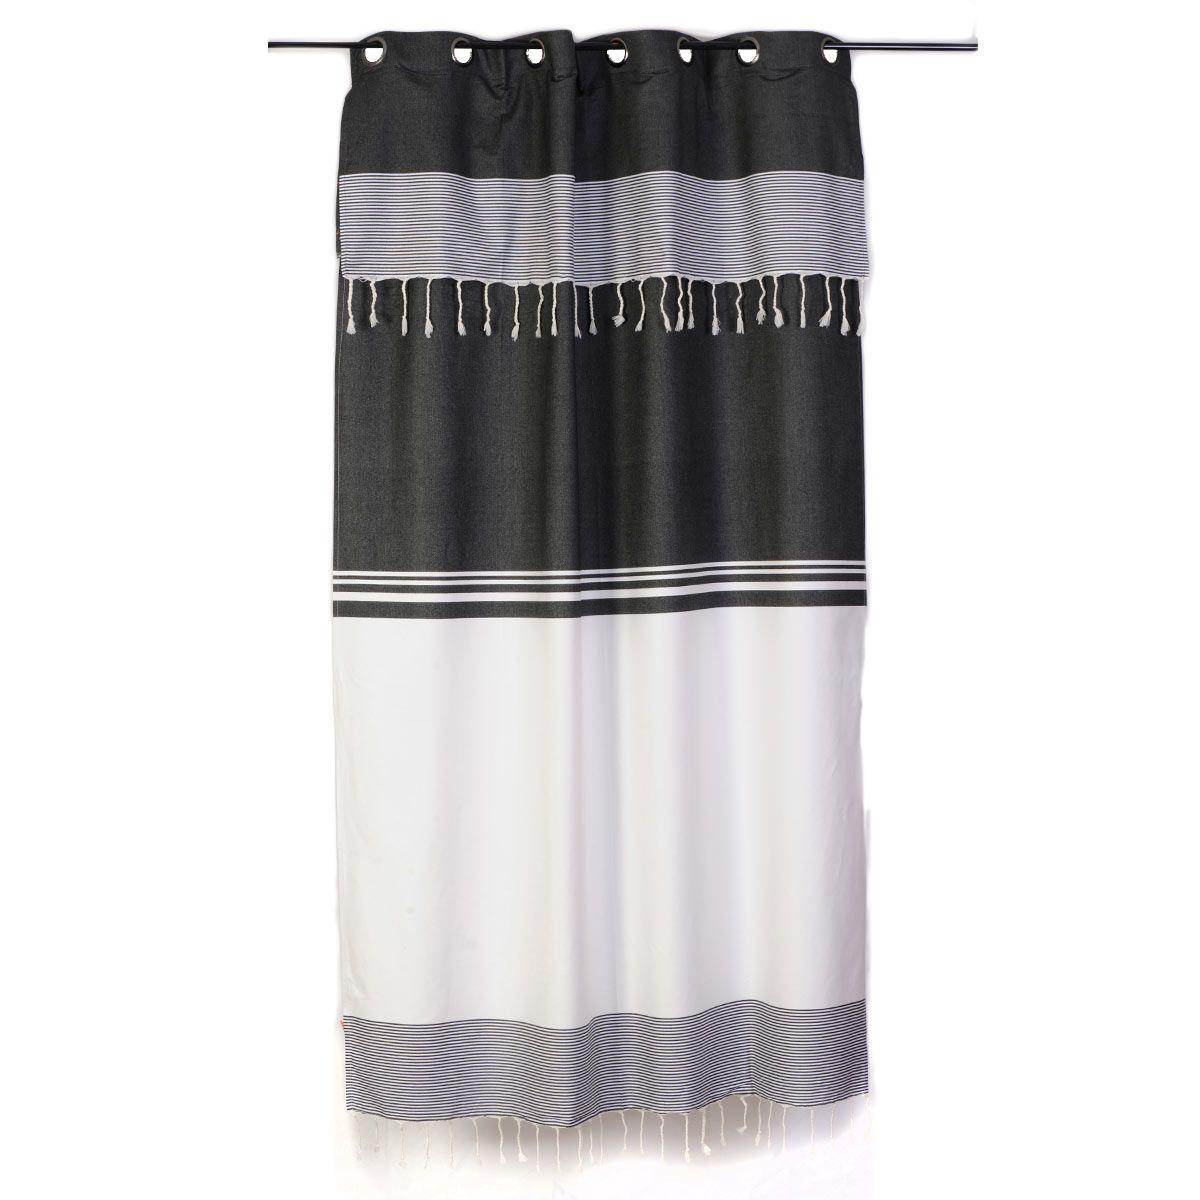 Rideau rayé noir et blanc style ethnique chic et ajustable en hauteur par un sy…